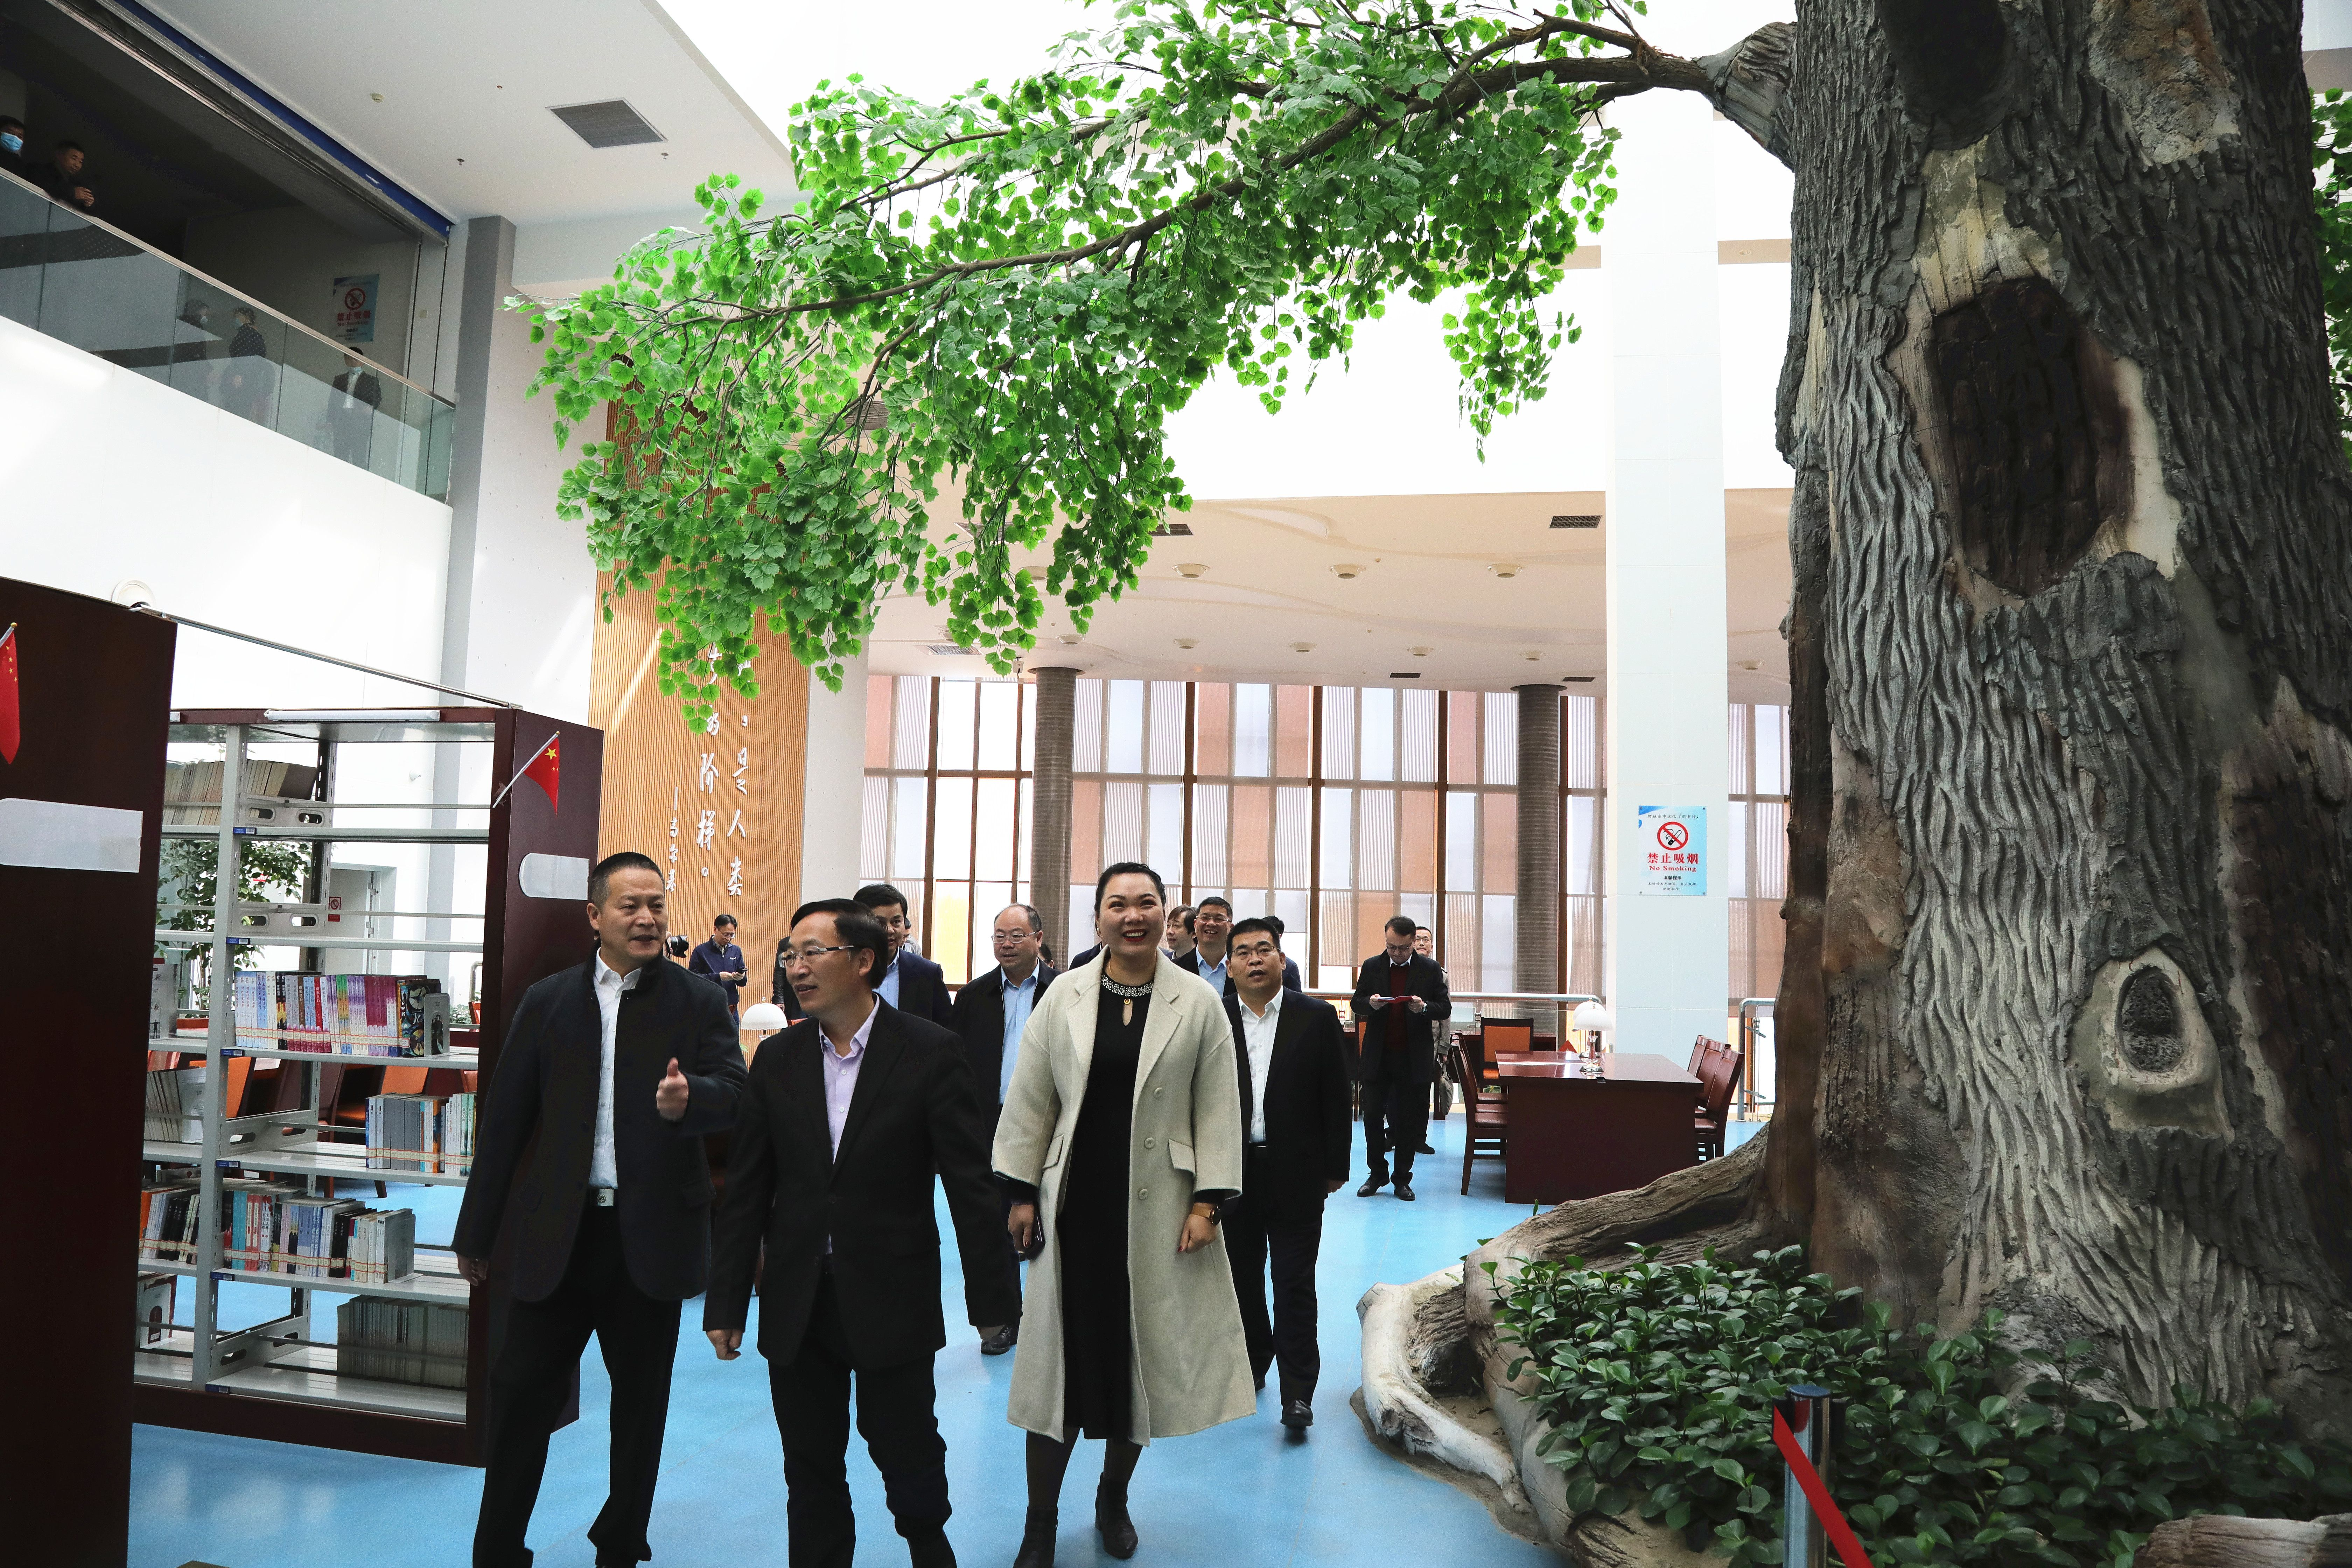 浙阿文化交流合作工程启动仪式在师市举行